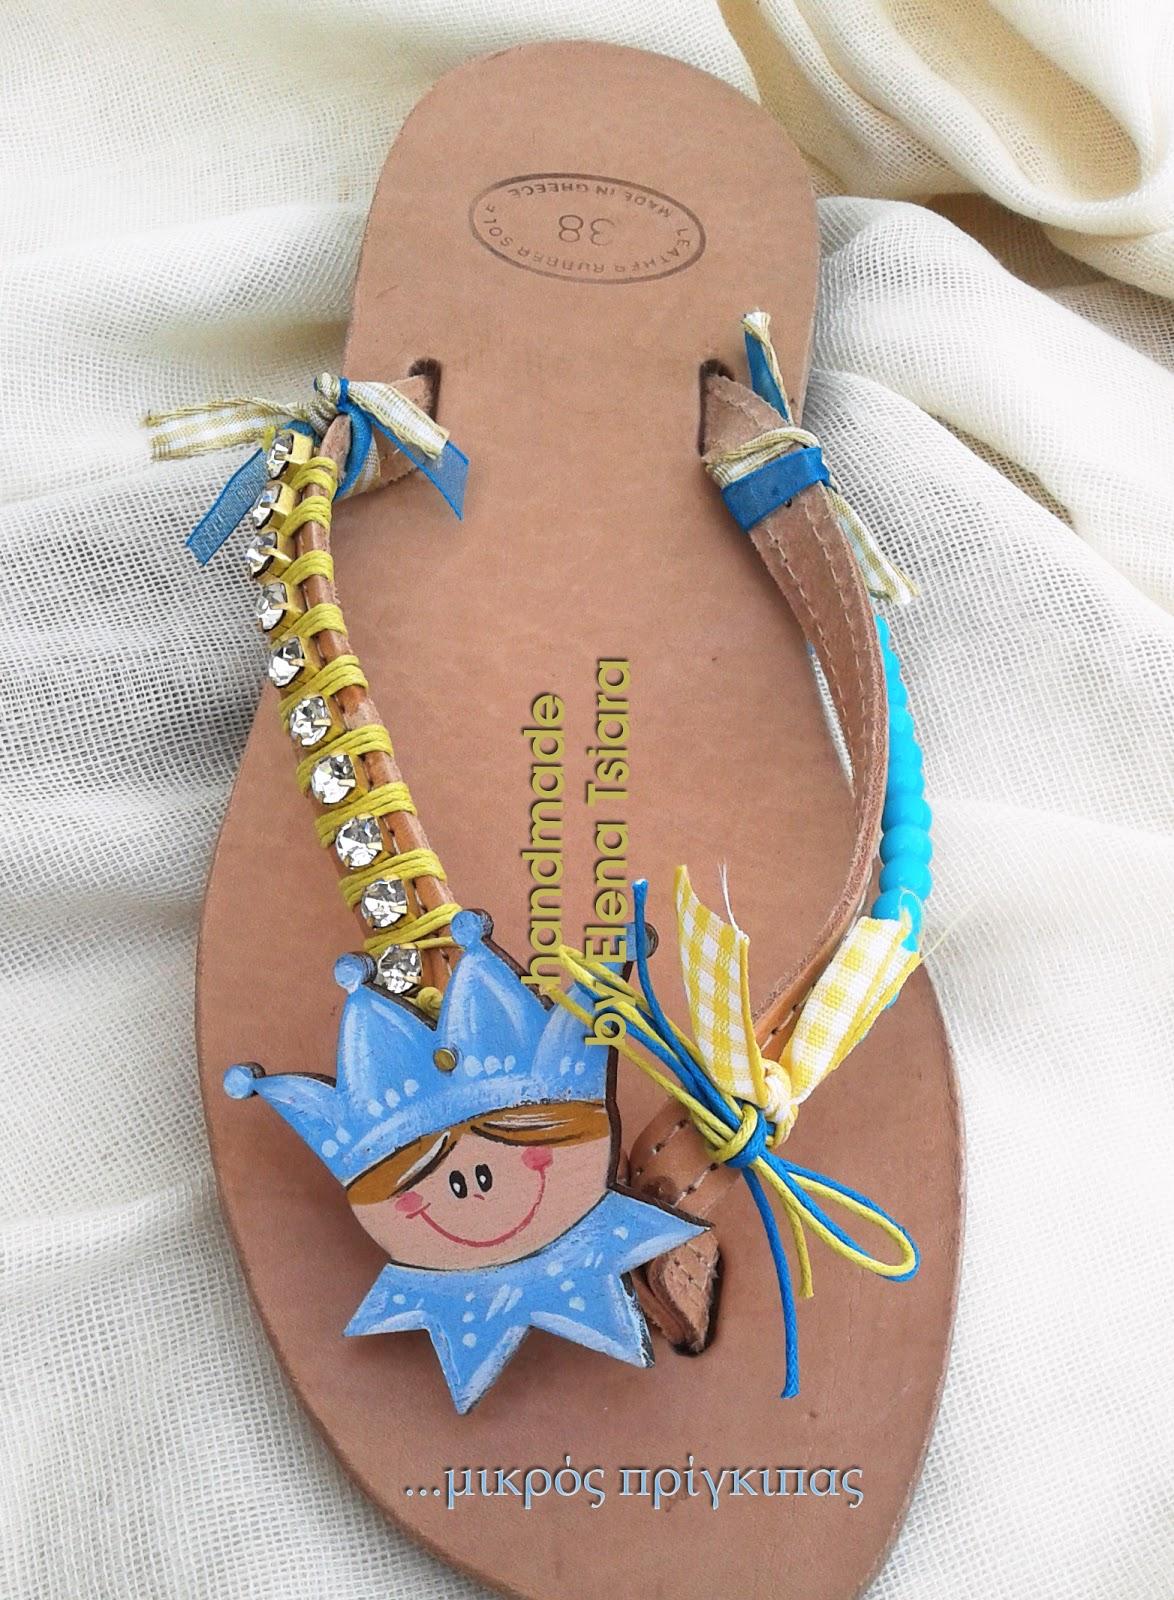 1a0afdd3dc5 χειροποίητα δερμάτινα σανδάλια με ξύλινο χειροποίητο μικρό πρίγκιπα σε  διάφορα χρώματα, ζωγραφισμένο στο χέρι.